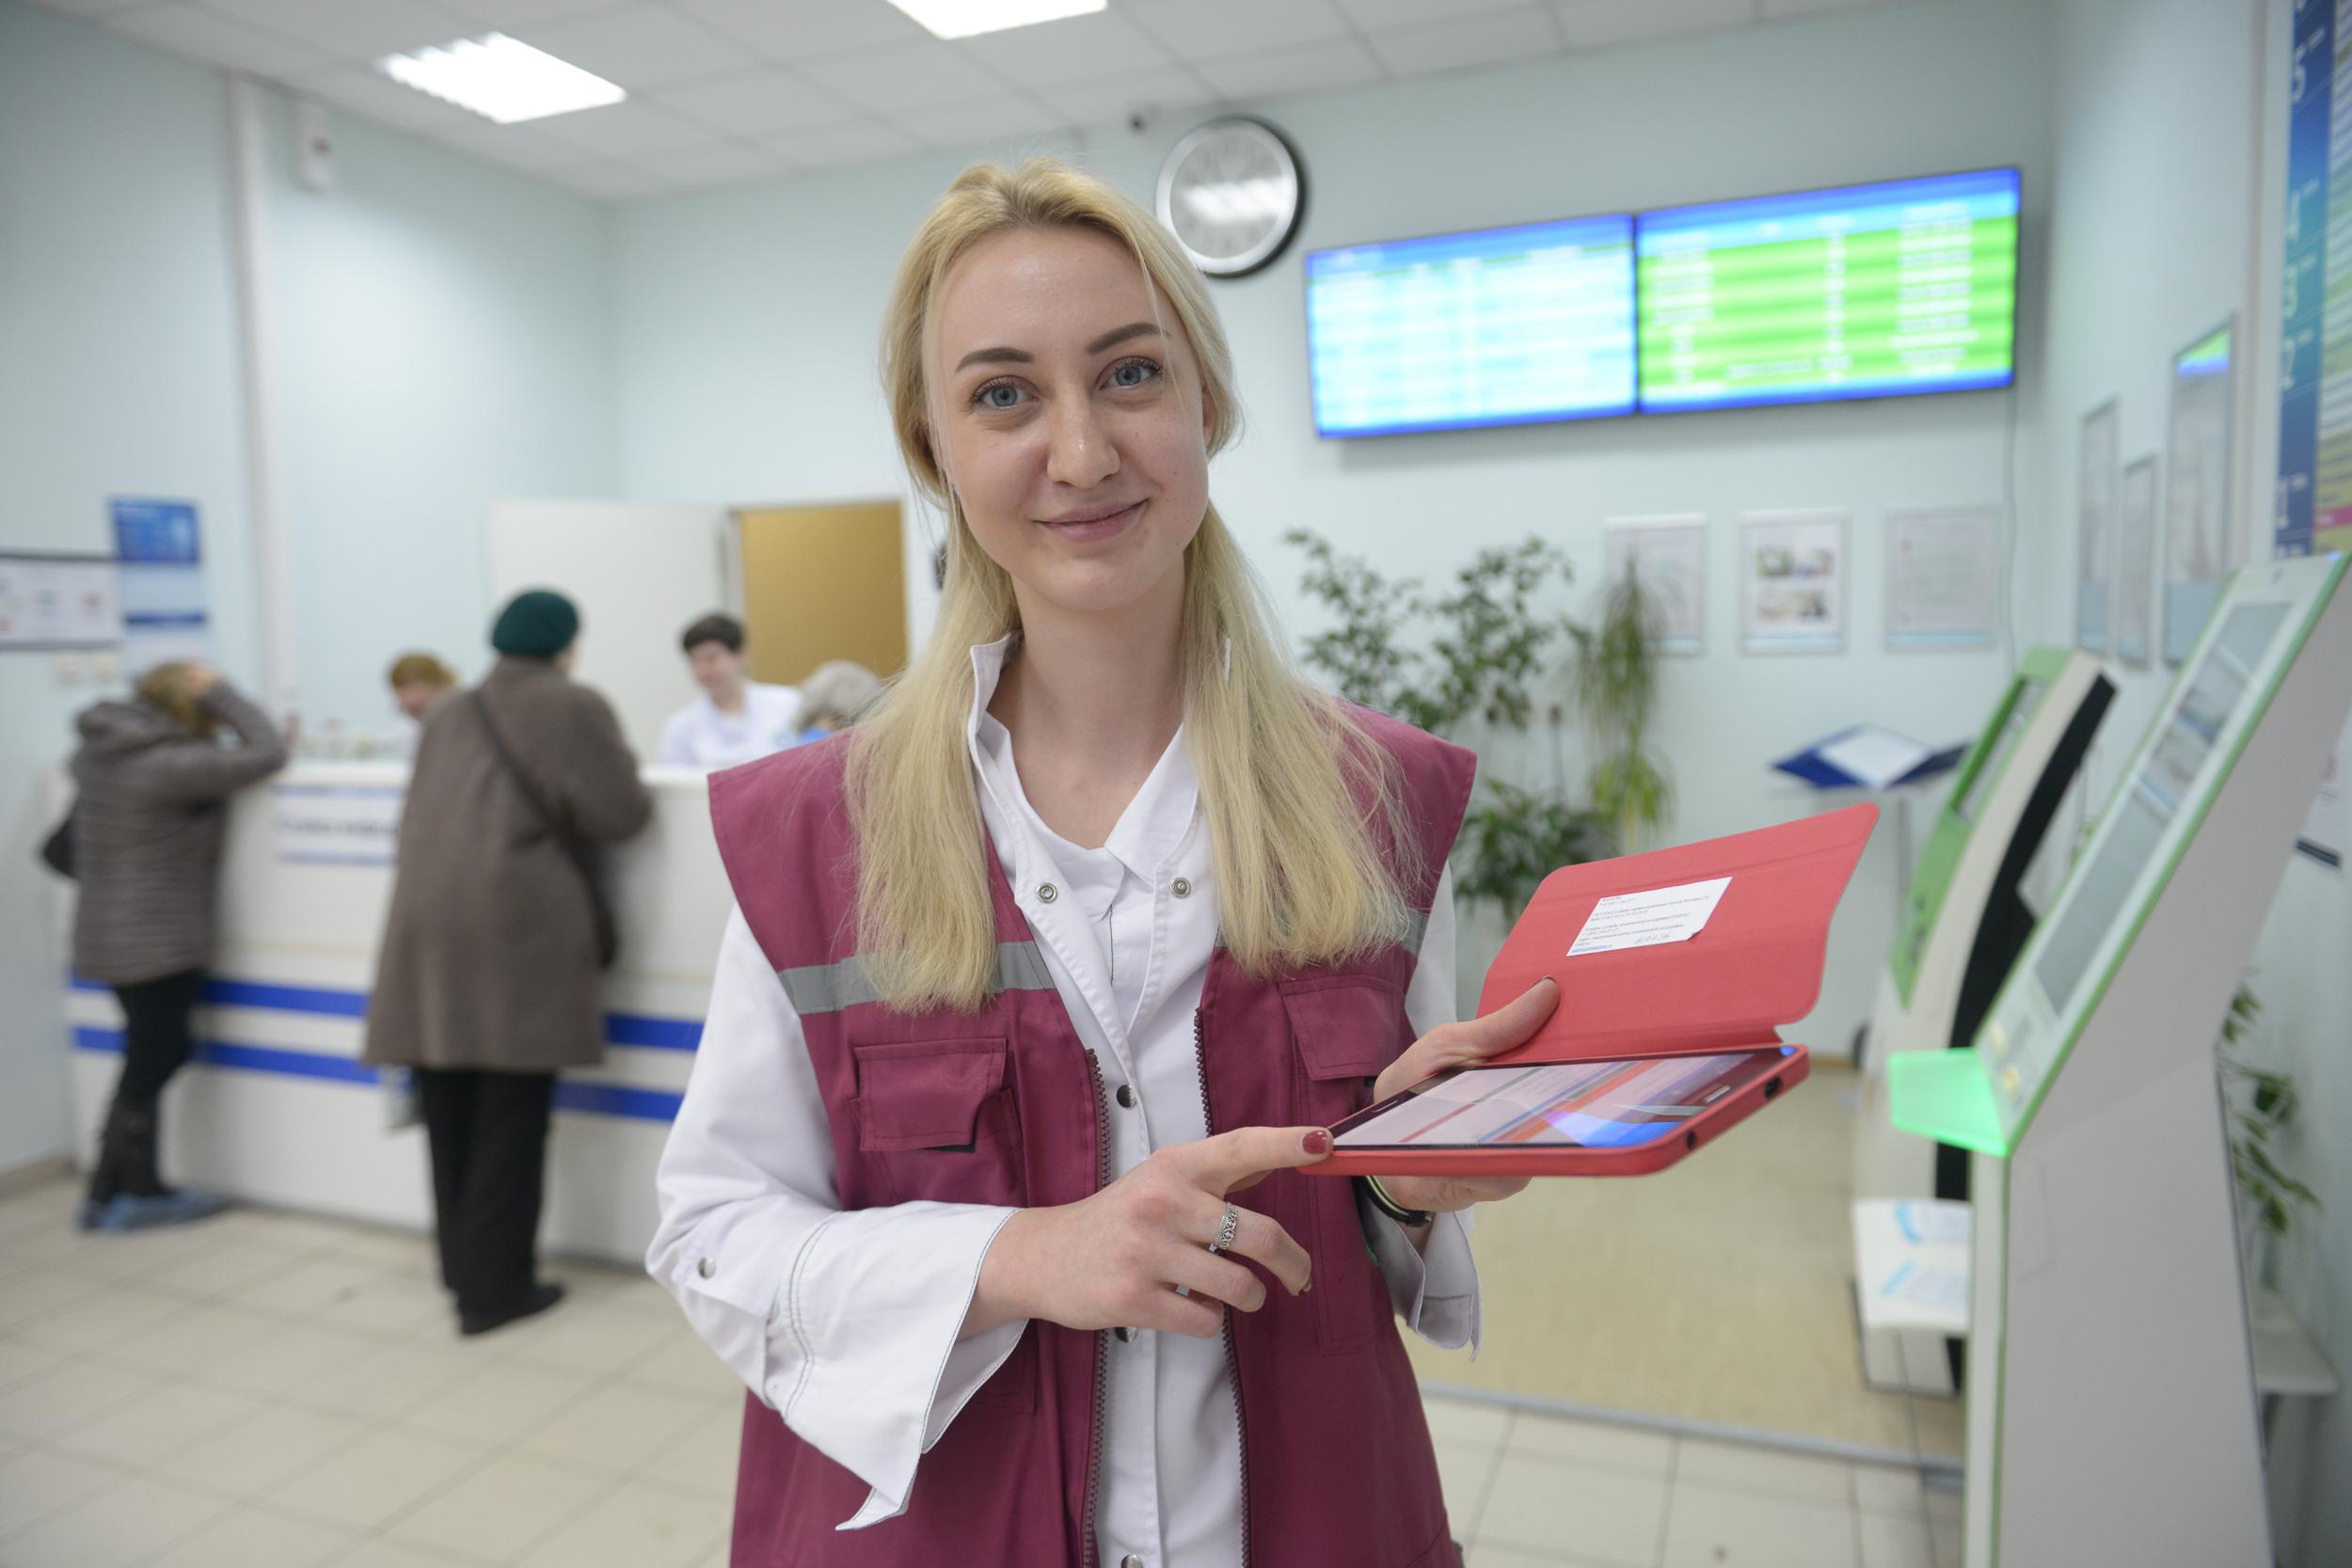 Льготные рецепты с QR-кодом горожане смогут распечатать в информационных киосках поликлиник столицы